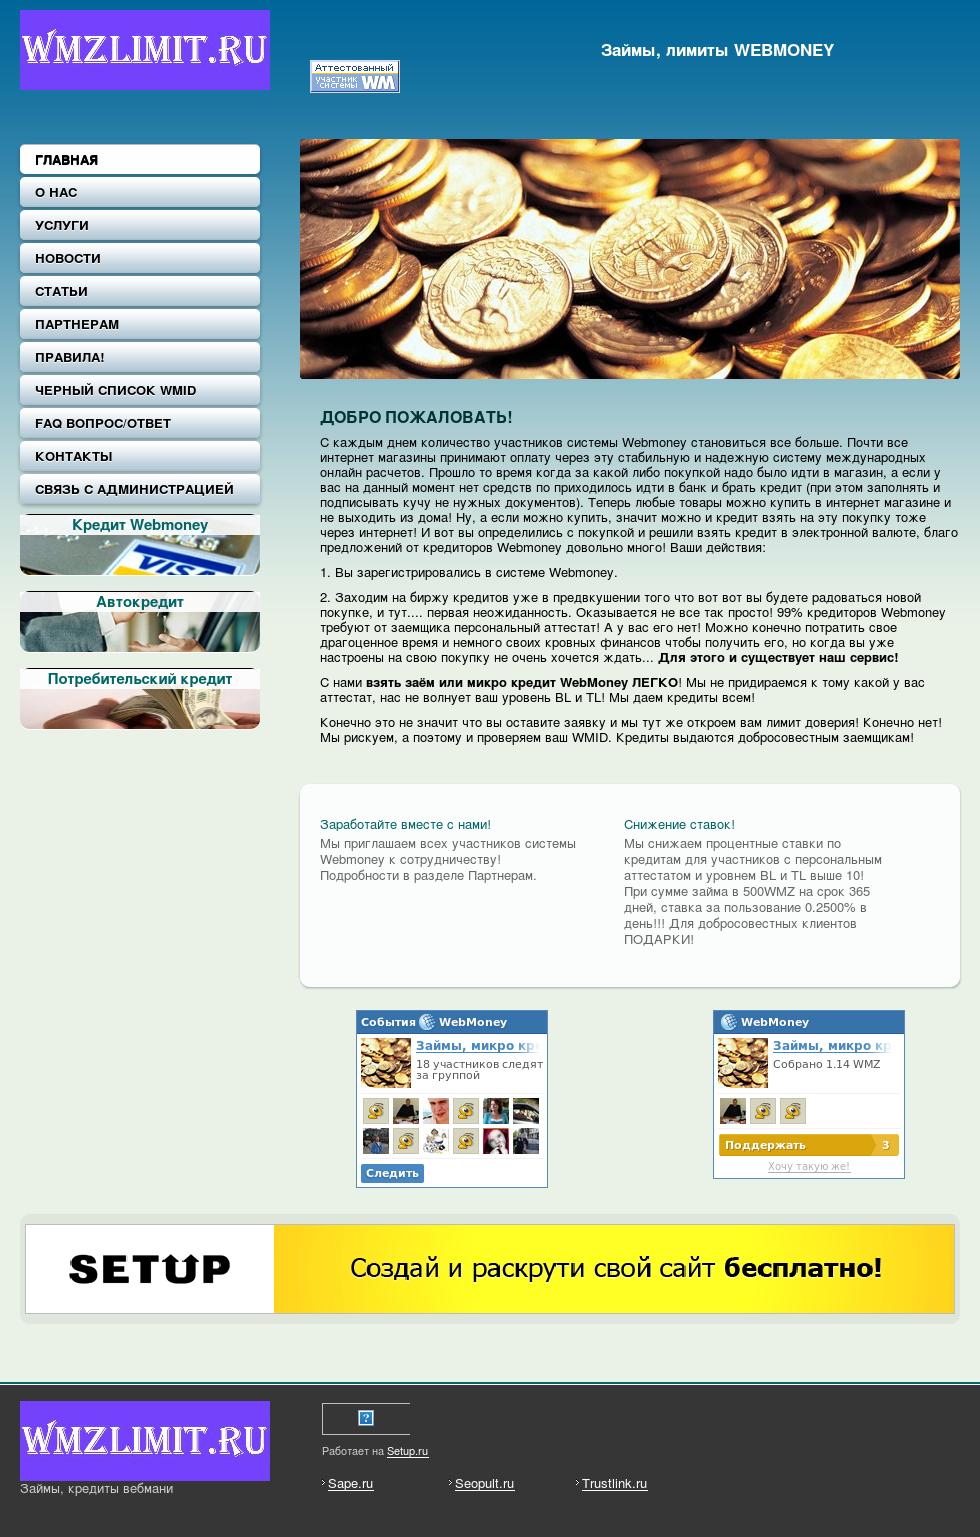 Займы, микро кредиты WebMoney